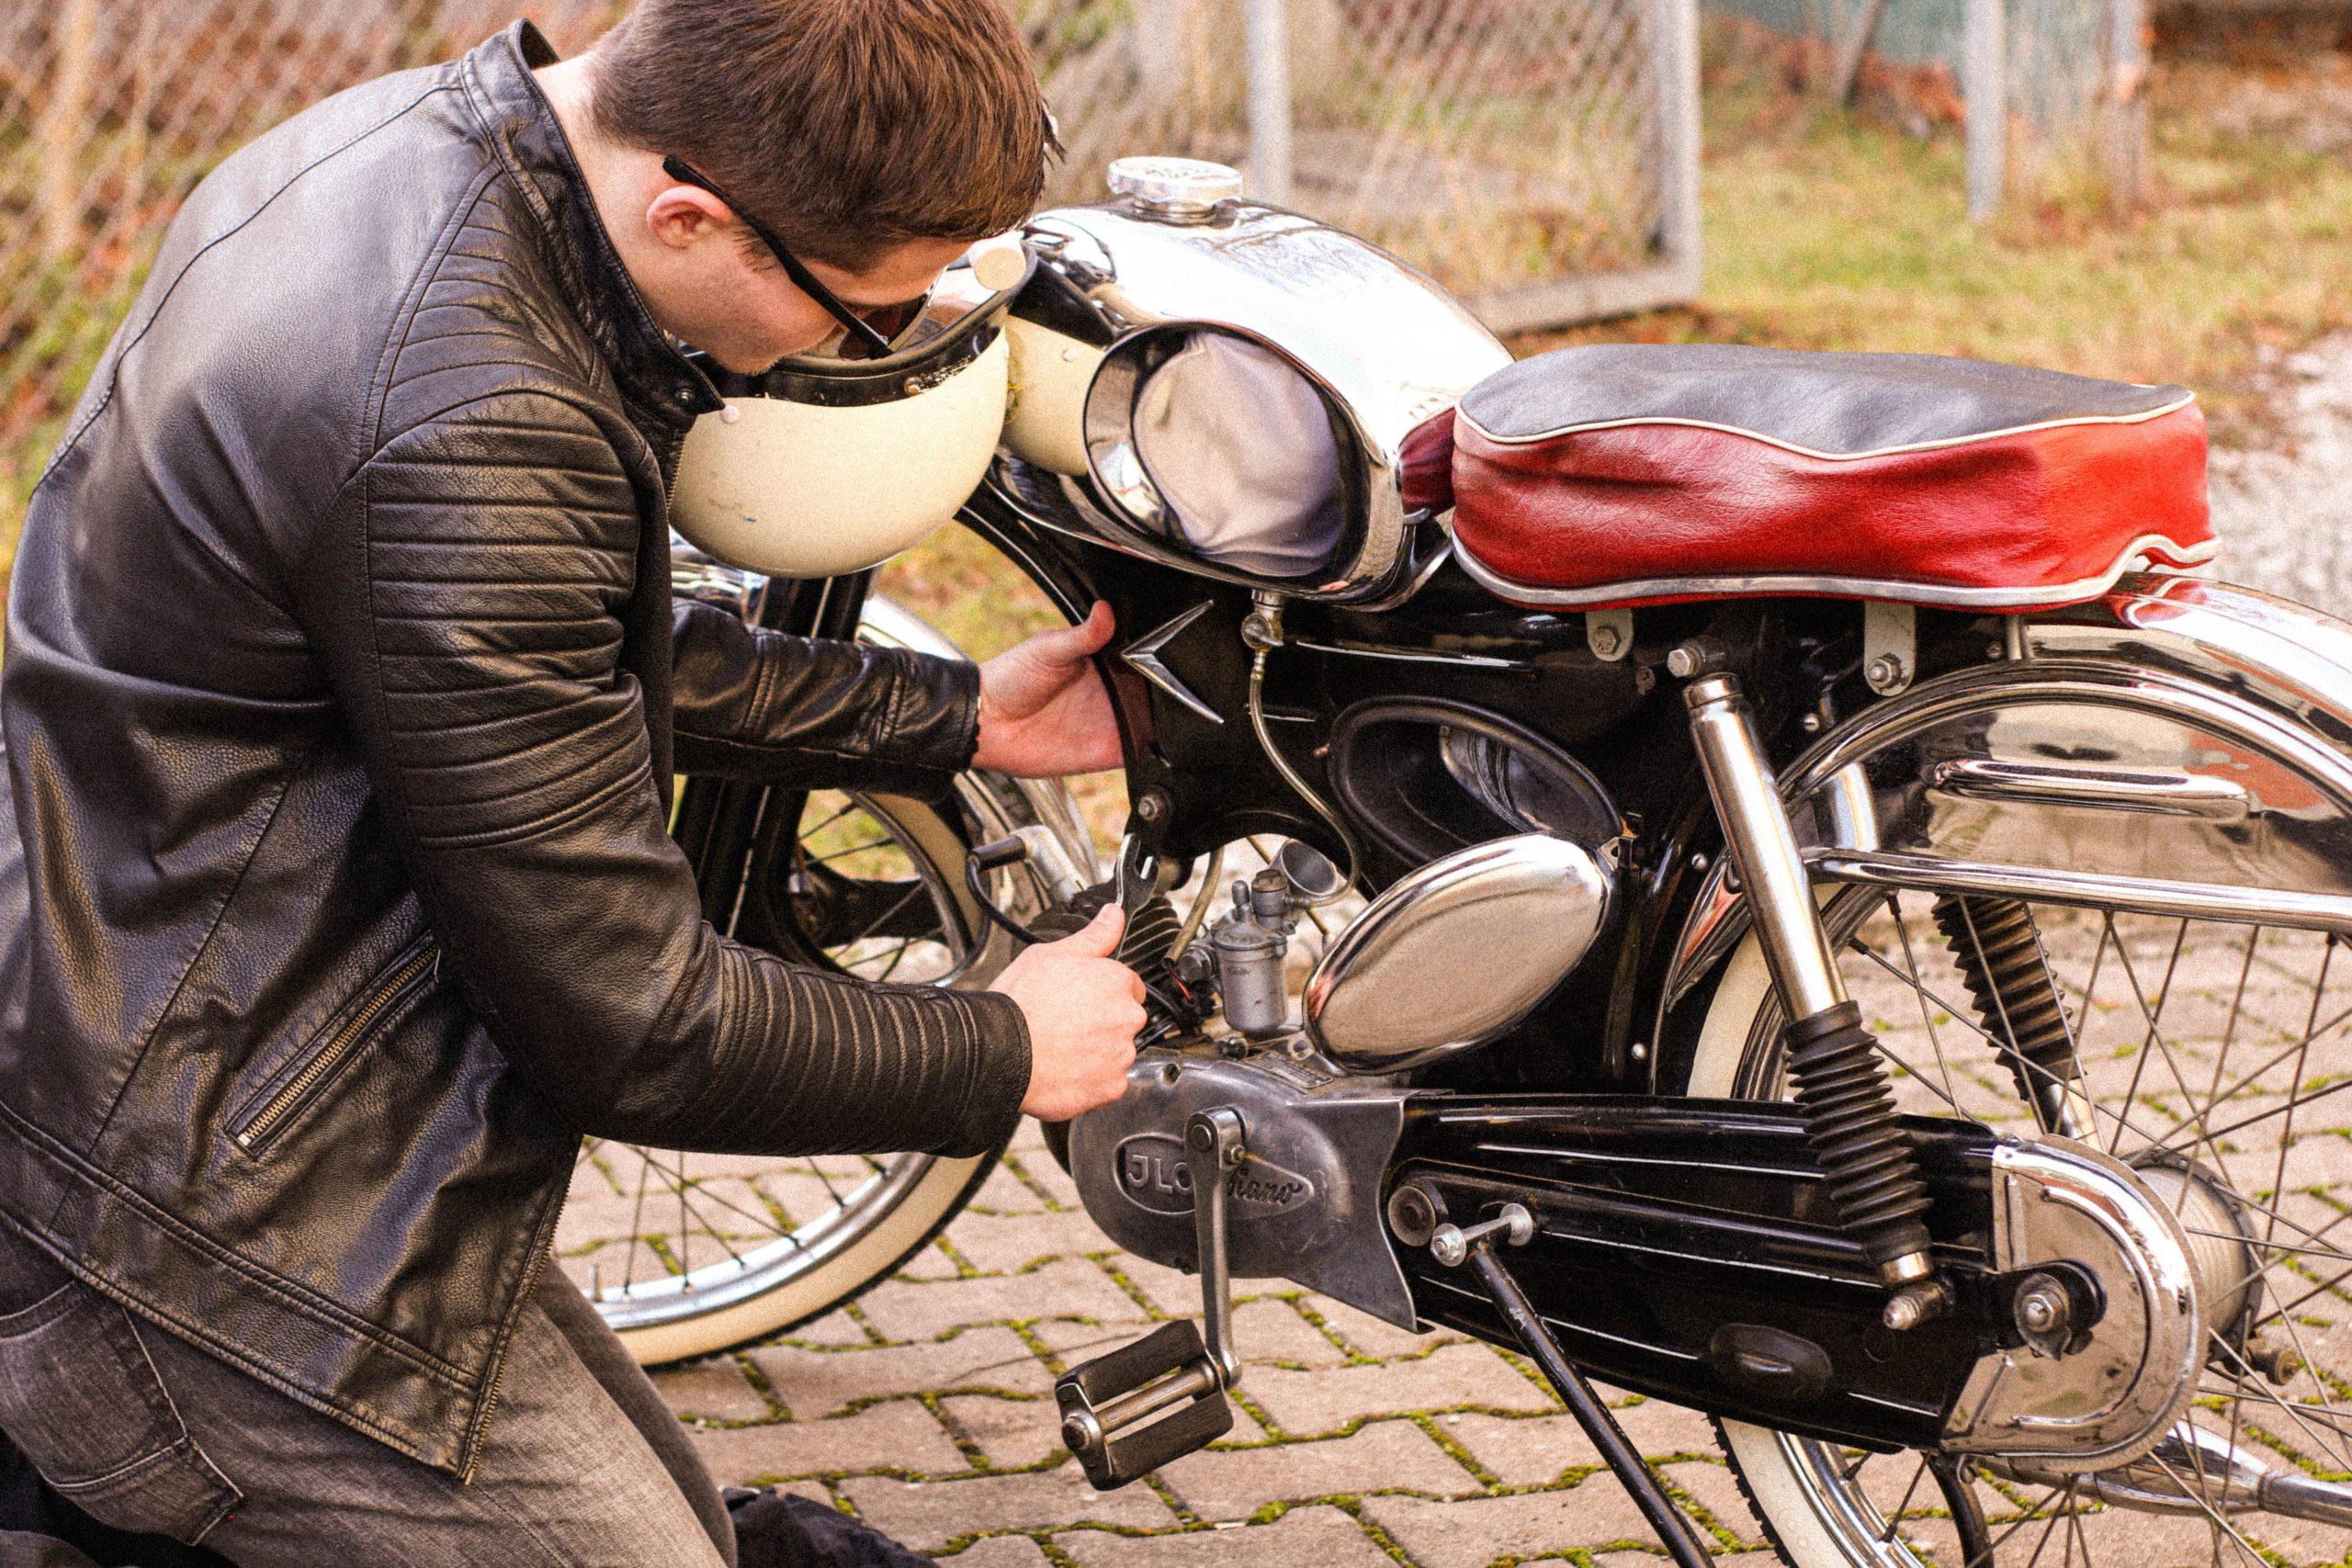 Halbstarker schraubt an Moped Foto: Selina Goller